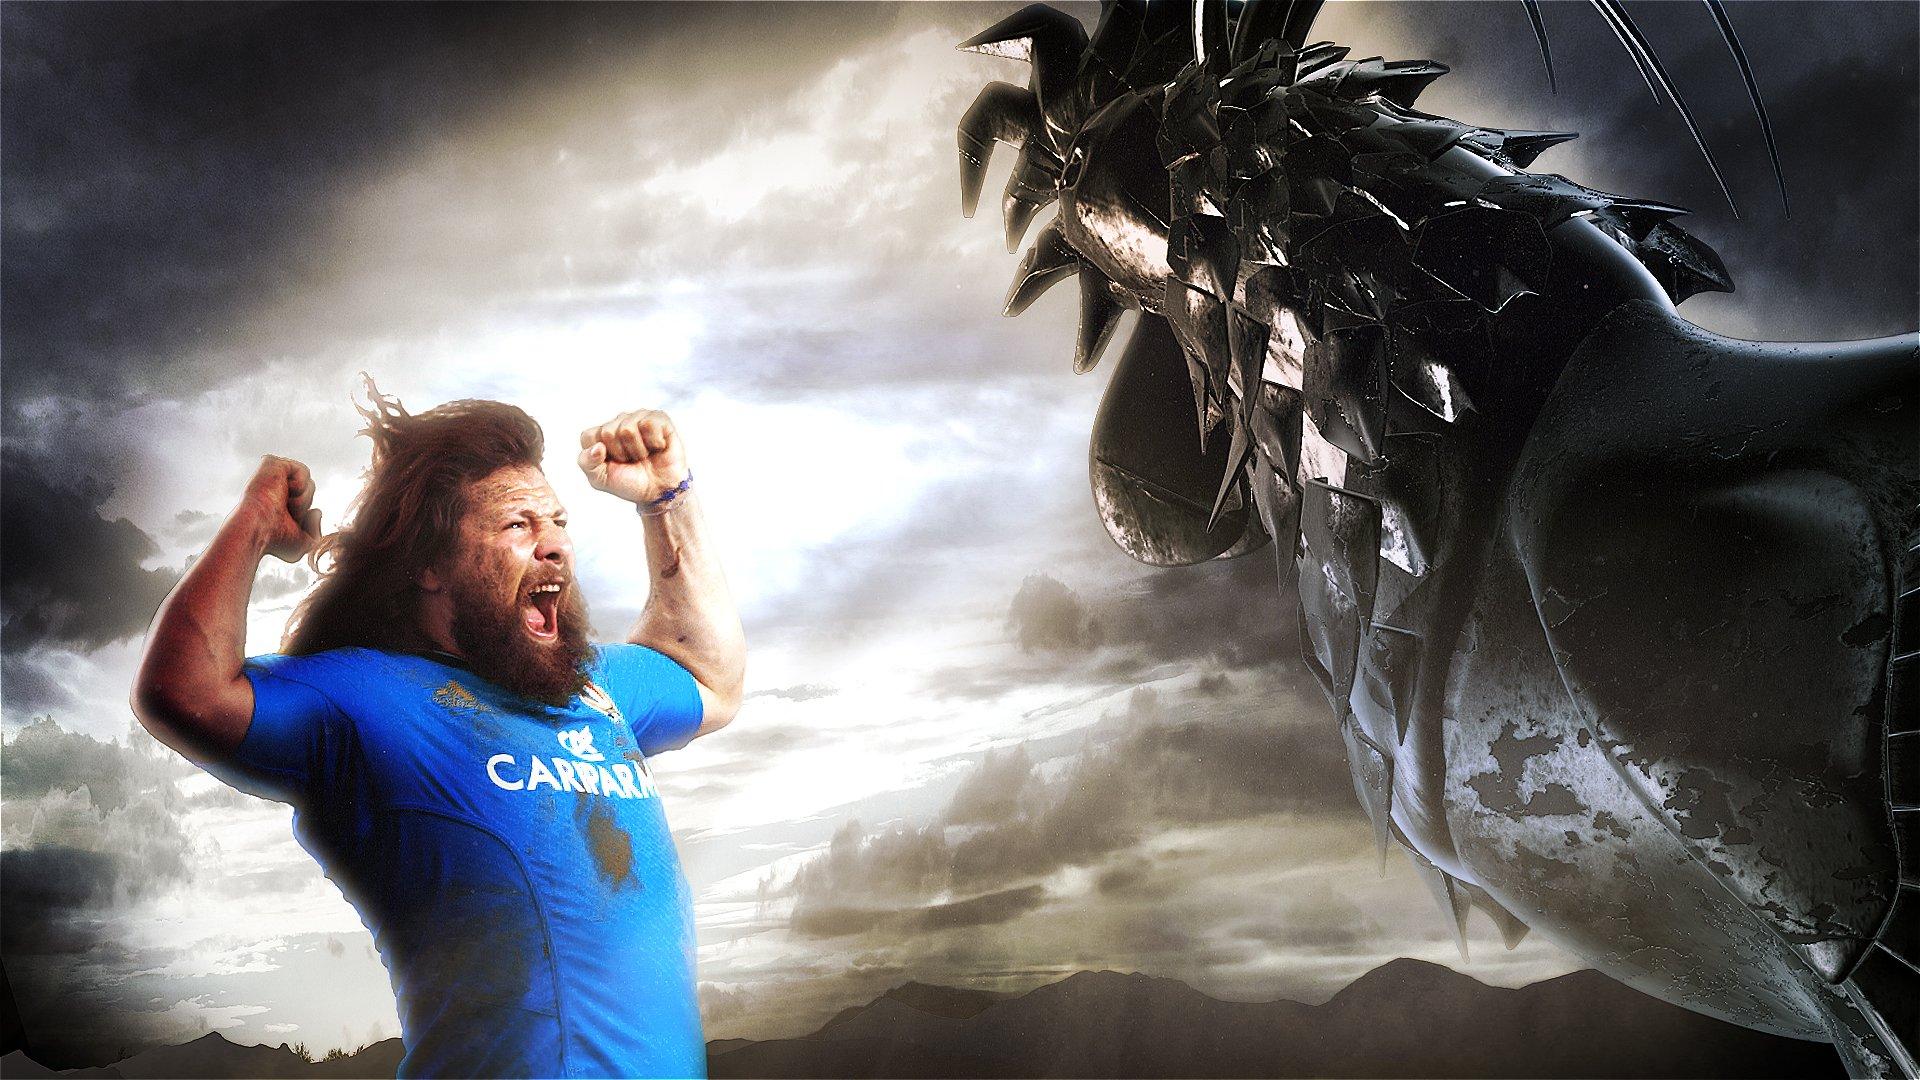 sviluppo look compositing animazione SKY Italia - Rugby World Cup | promo TV